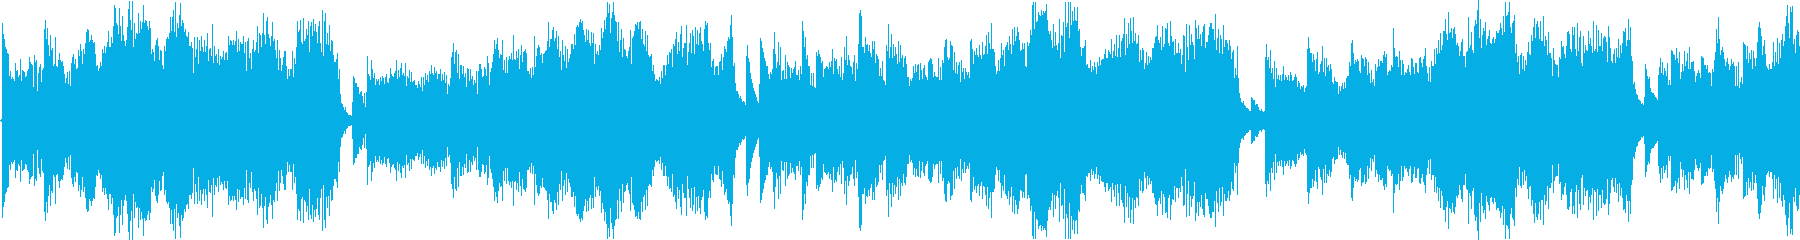 冬を想像させる幻想的なエレクトロニカの再生済みの波形